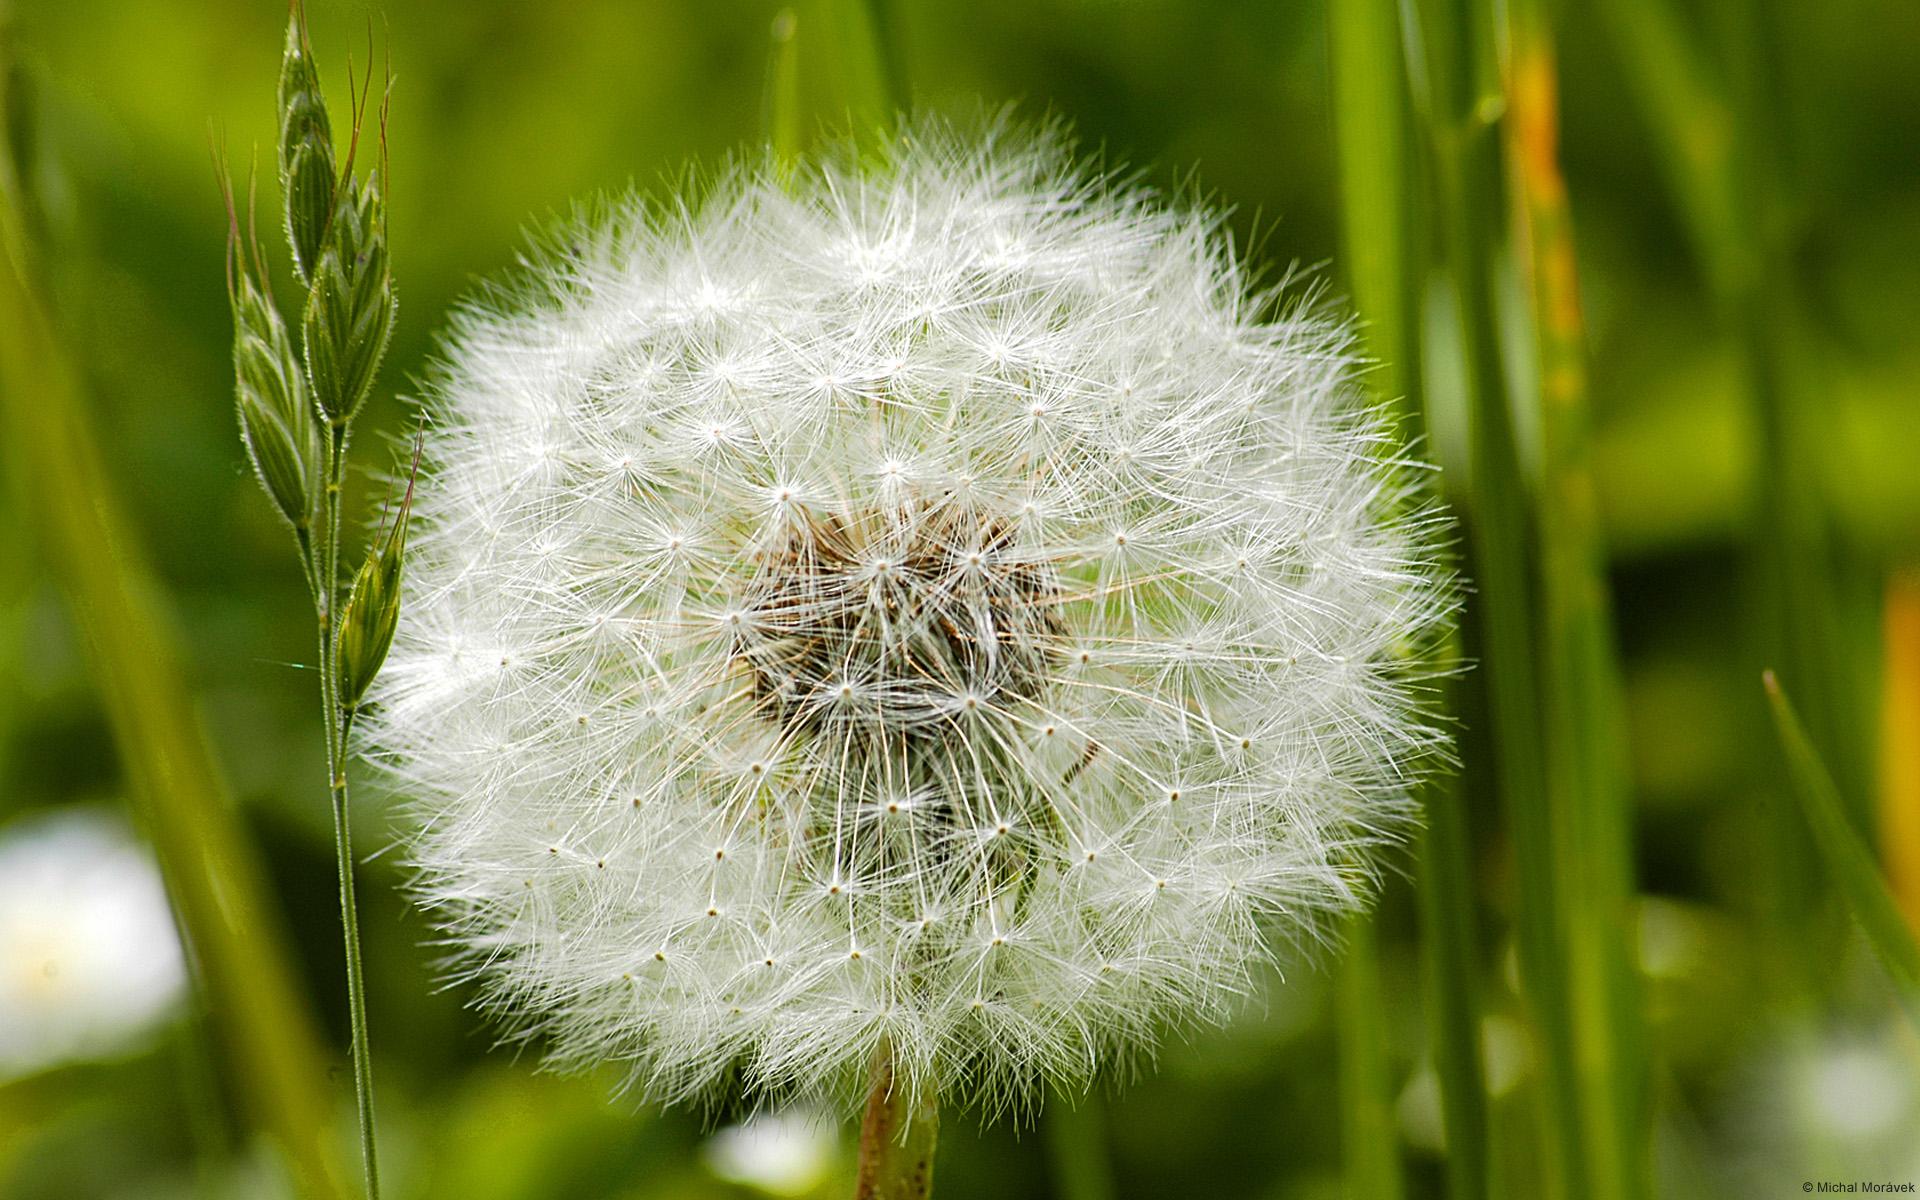 Dandelion Bunga Indah Nan Penuh Arti Simple But Meaningful